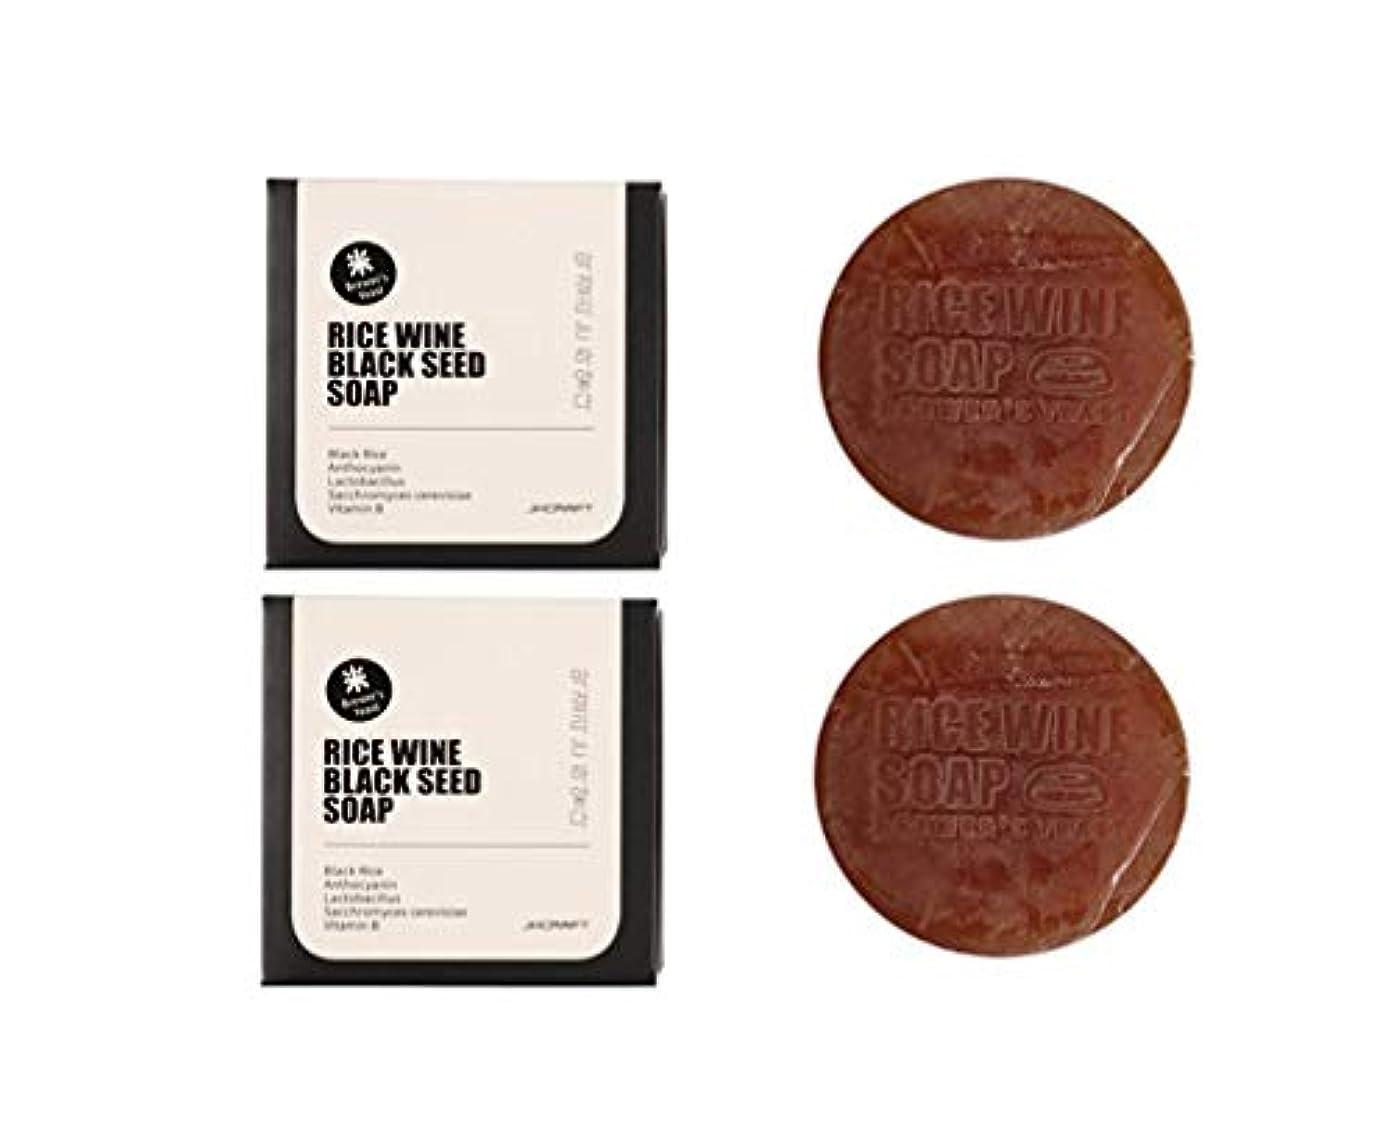 岩避けるメディアJKCRAFT RICEWINE BLACK SEED SOAP 黒米マッコリ酵母石鹸,無添加,無刺激,天然洗顔石鹸 2pcs [並行輸入品]